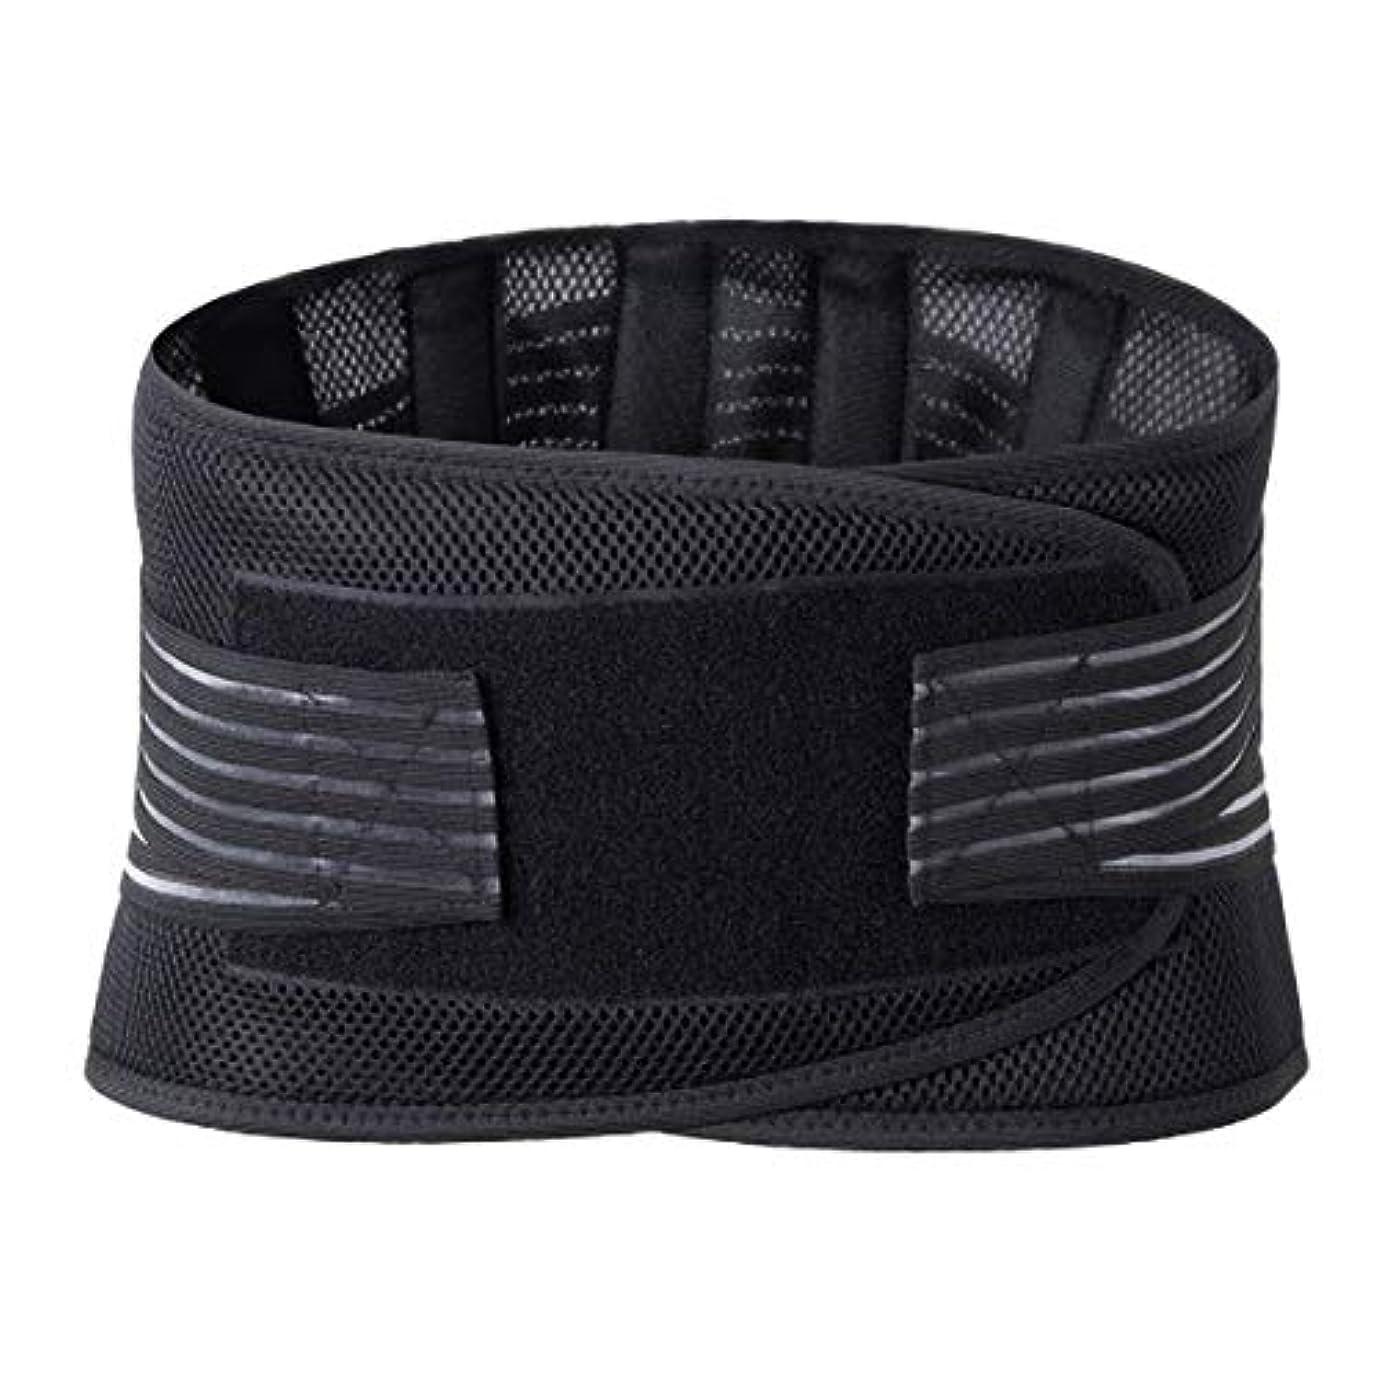 短くするメール自分のためにランバーウエストサポートバックブレースベルトウエストサポートブレースフィットネススポーツ保護姿勢コレクター再構築 - ブラック